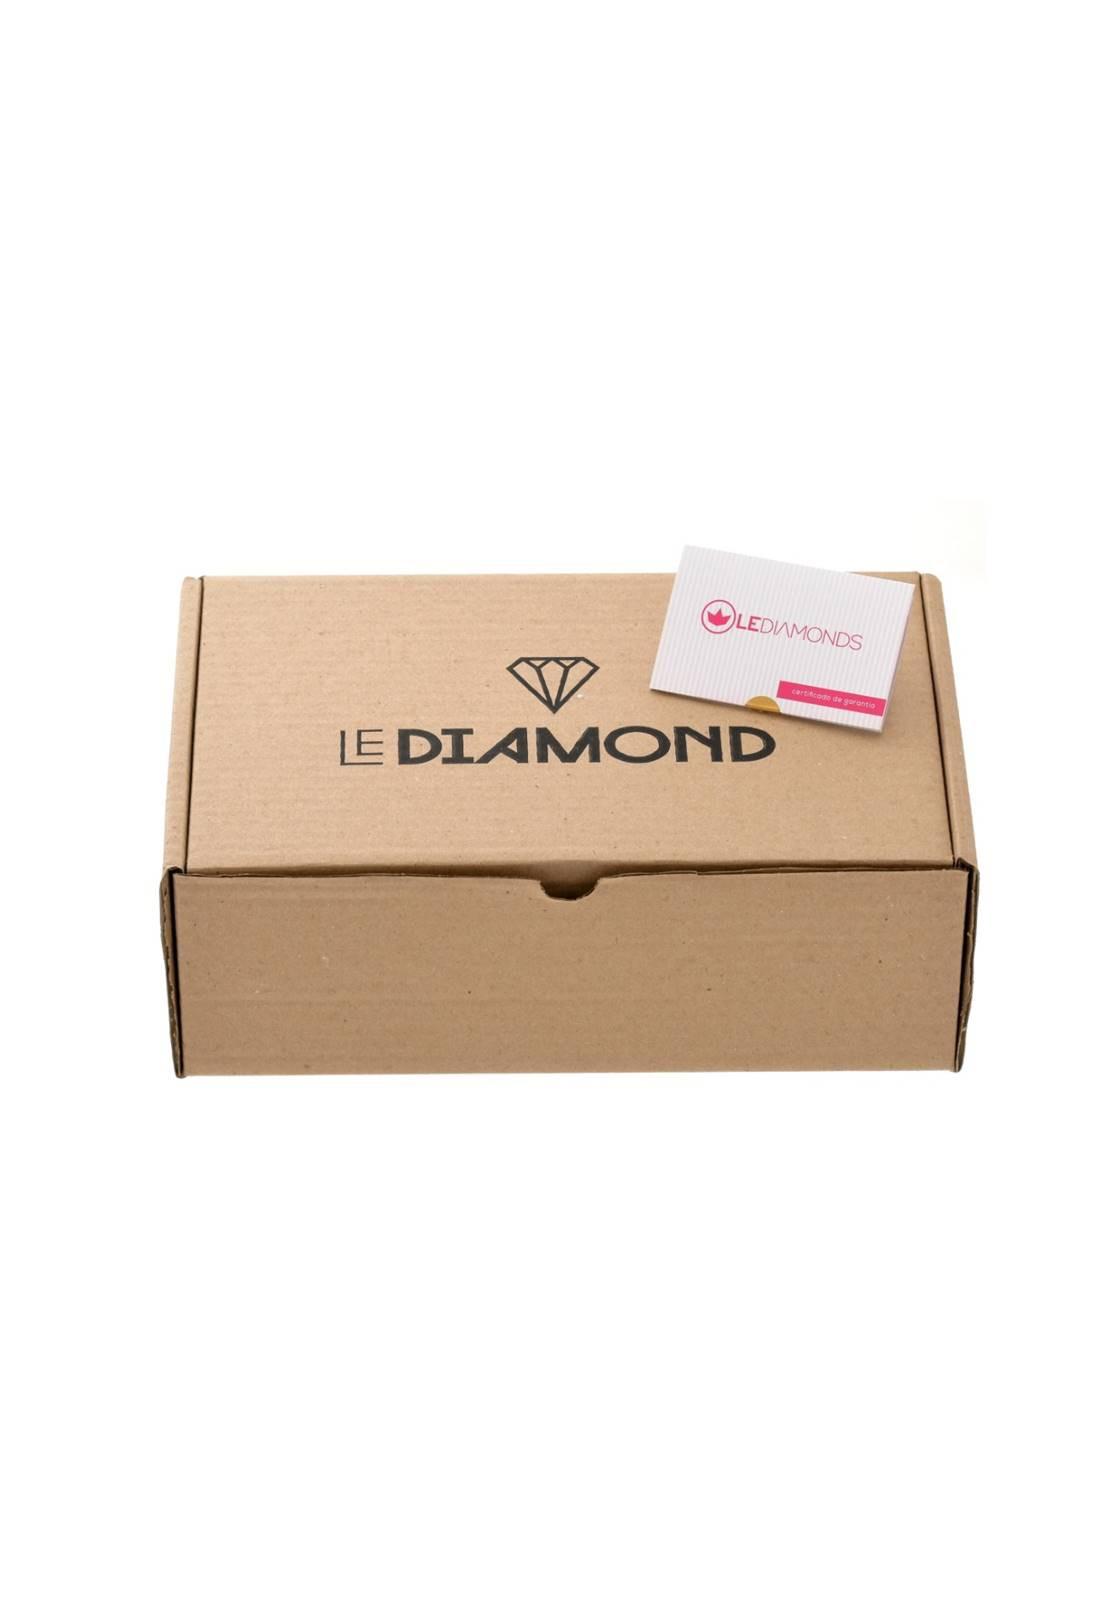 Brinco Cordova  Le Diamond  Perola